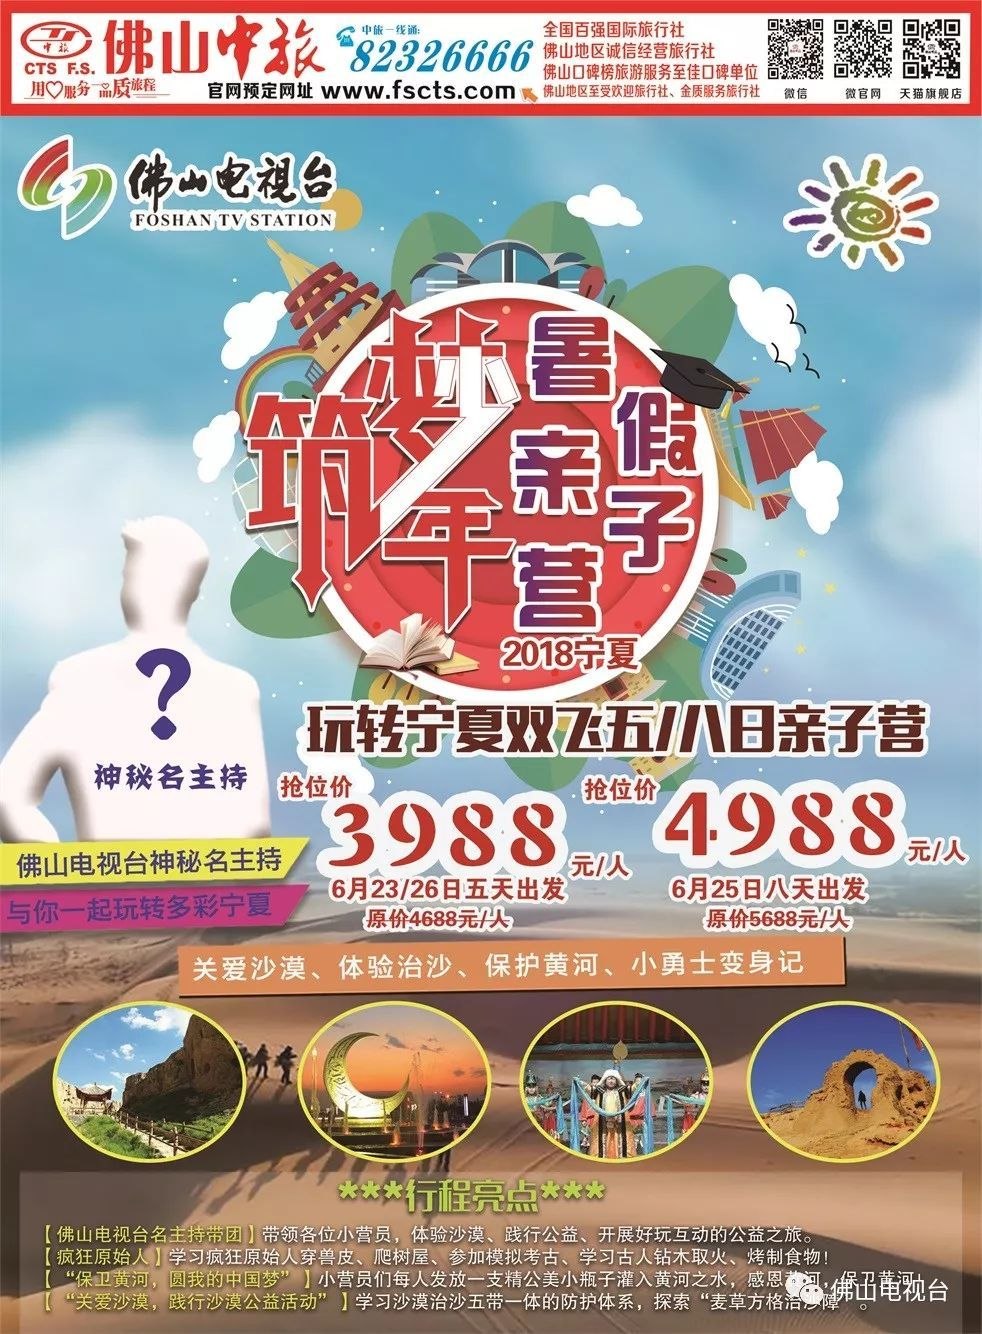 """2018""""宁夏旅游年""""启动,福利美景刷不停,周二佛山站不见不散!"""